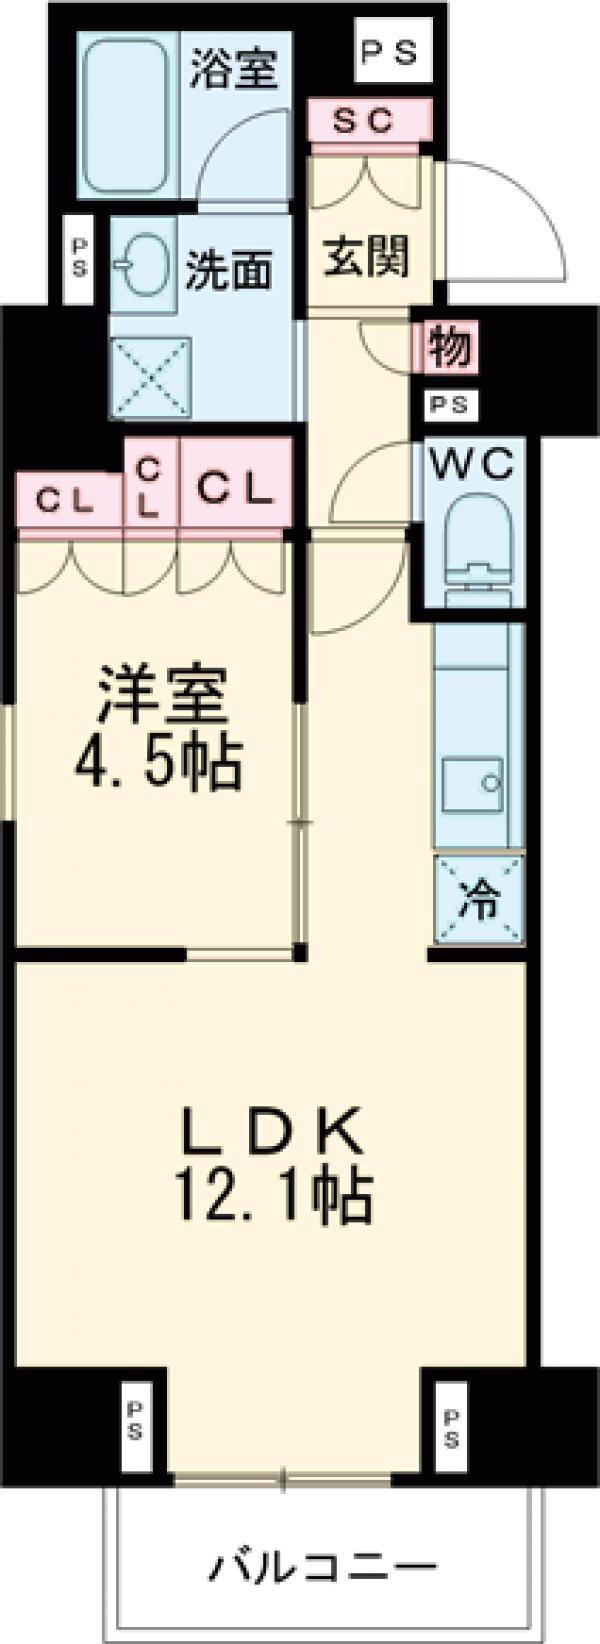 プラウドフラット西早稲田・801号室の間取り